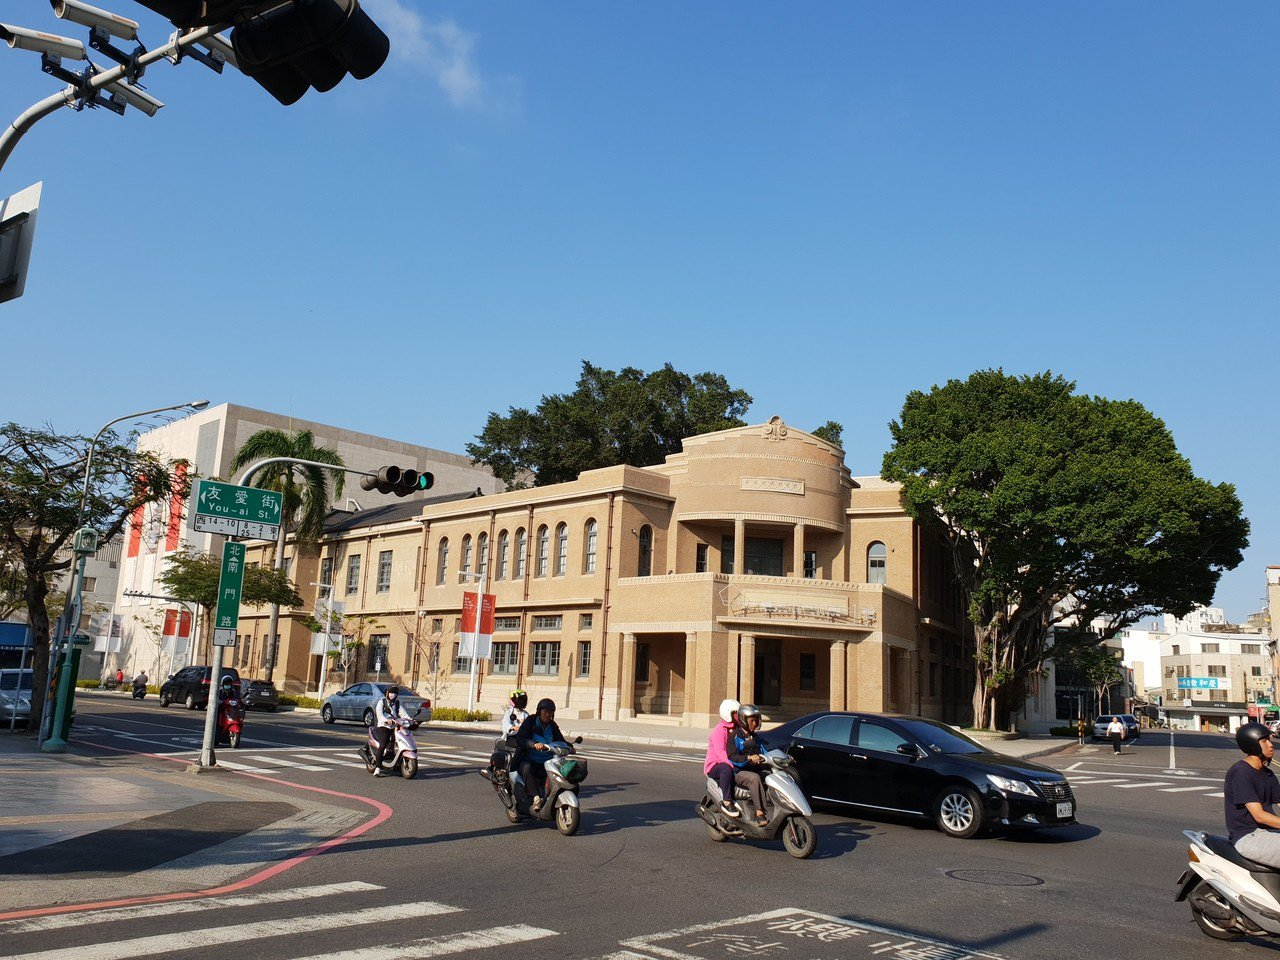 南美館一館為原台南警察署古蹟,修復後美麗氣派。記者陳宛茜/攝影